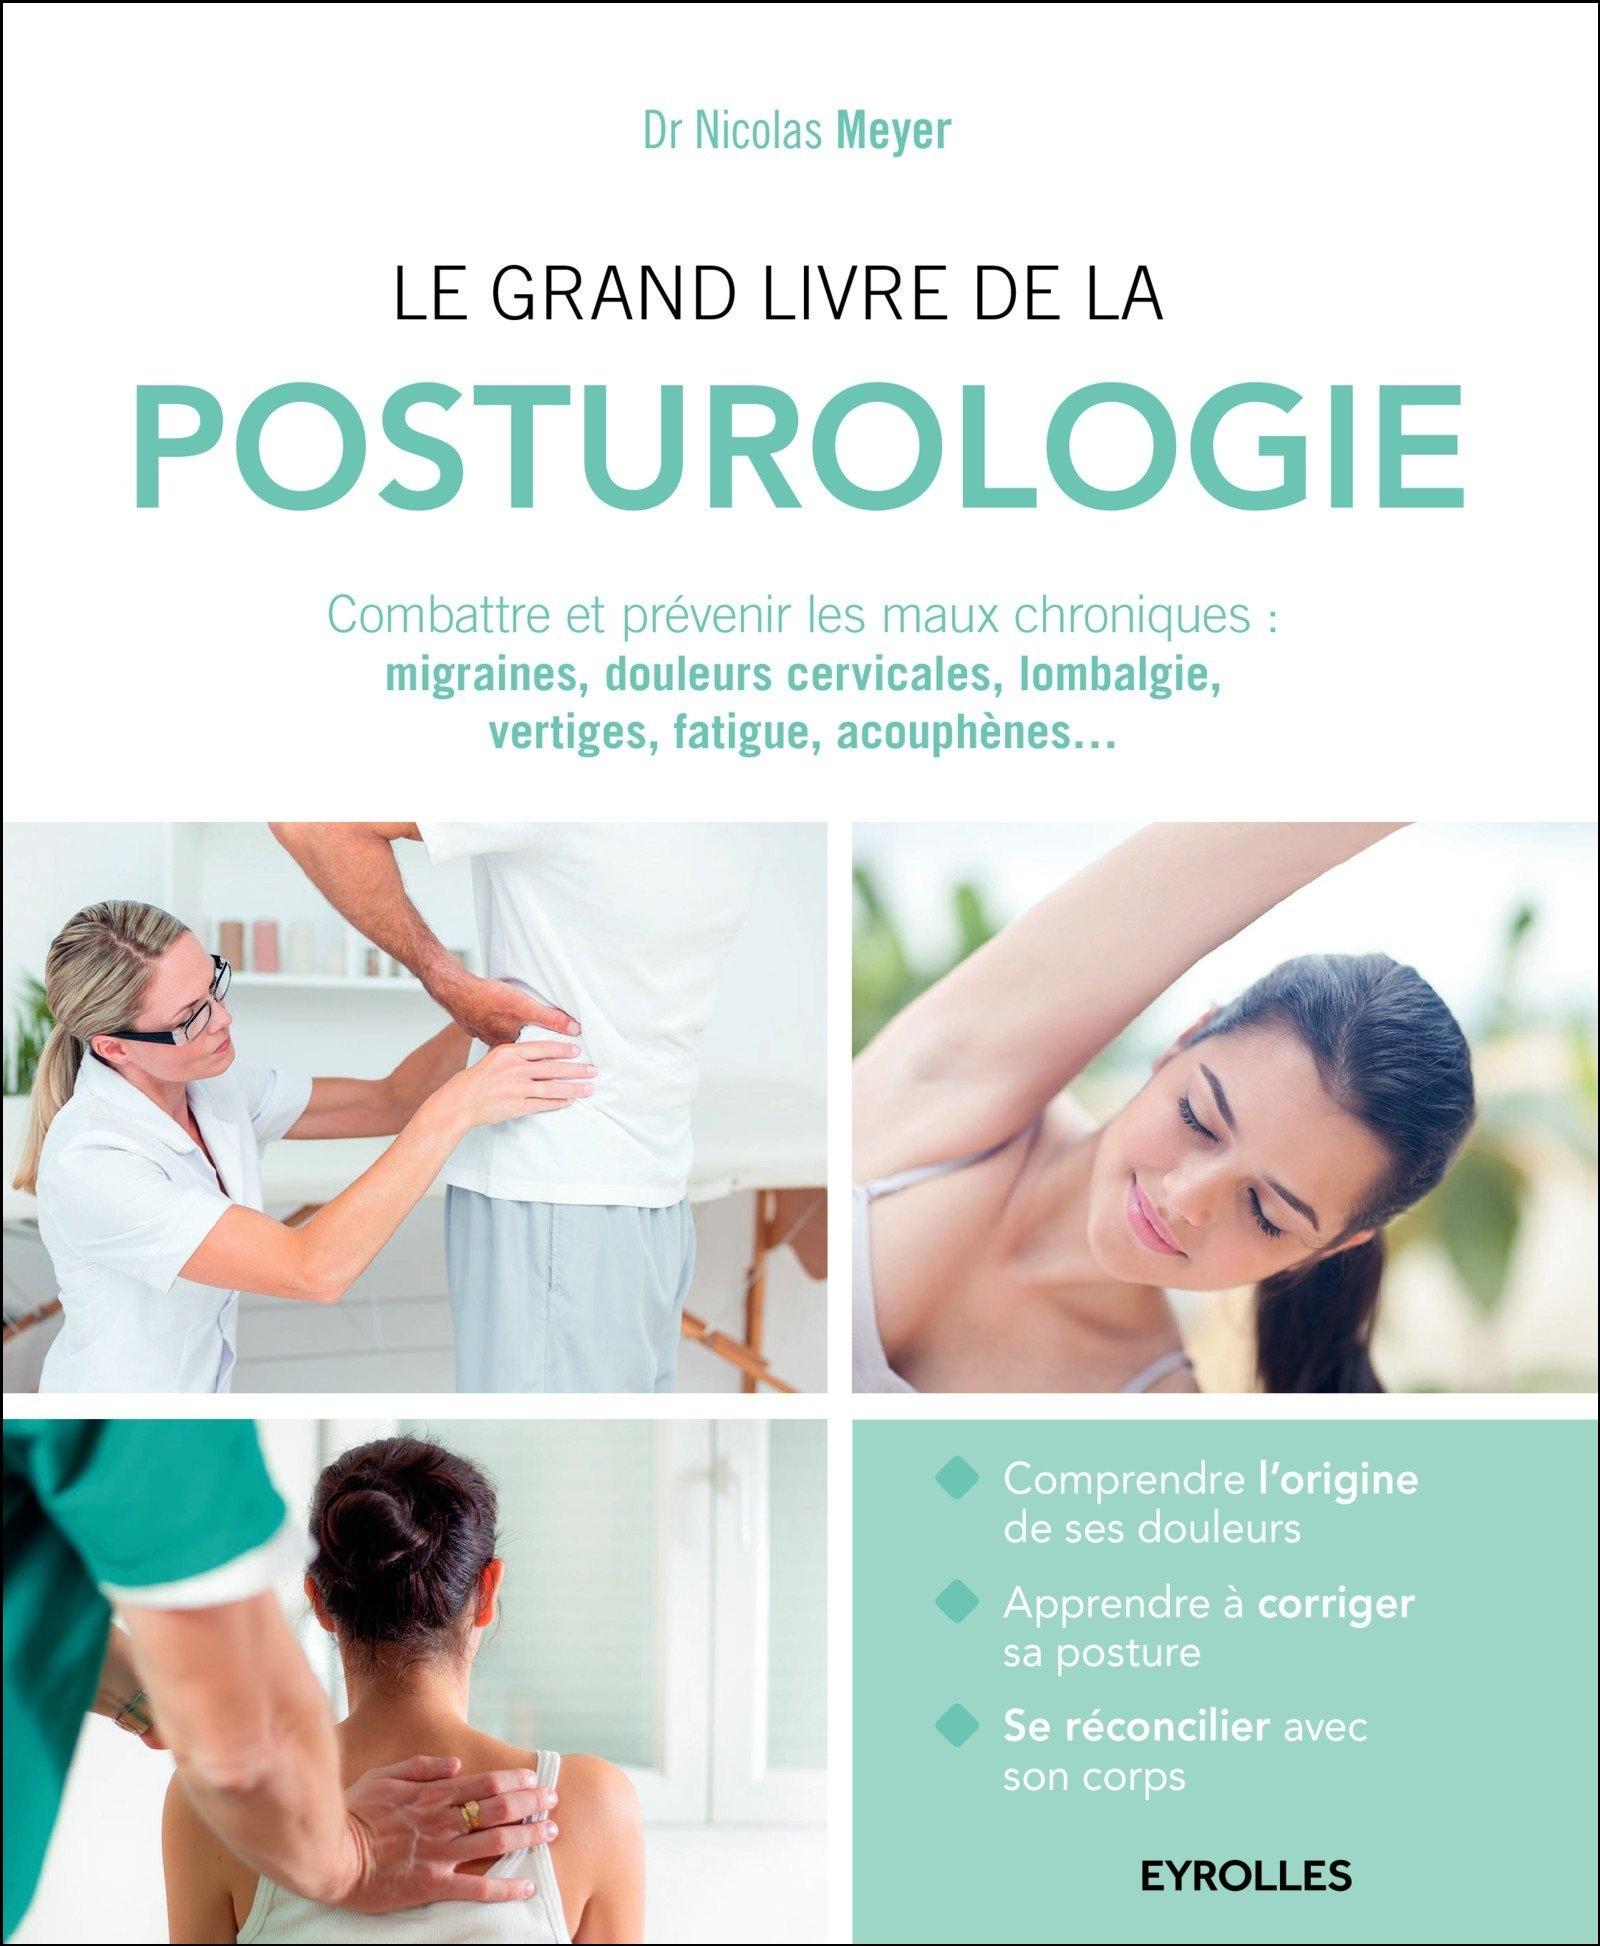 Le grand livre de la posturologie : Combattre les maux chroniques